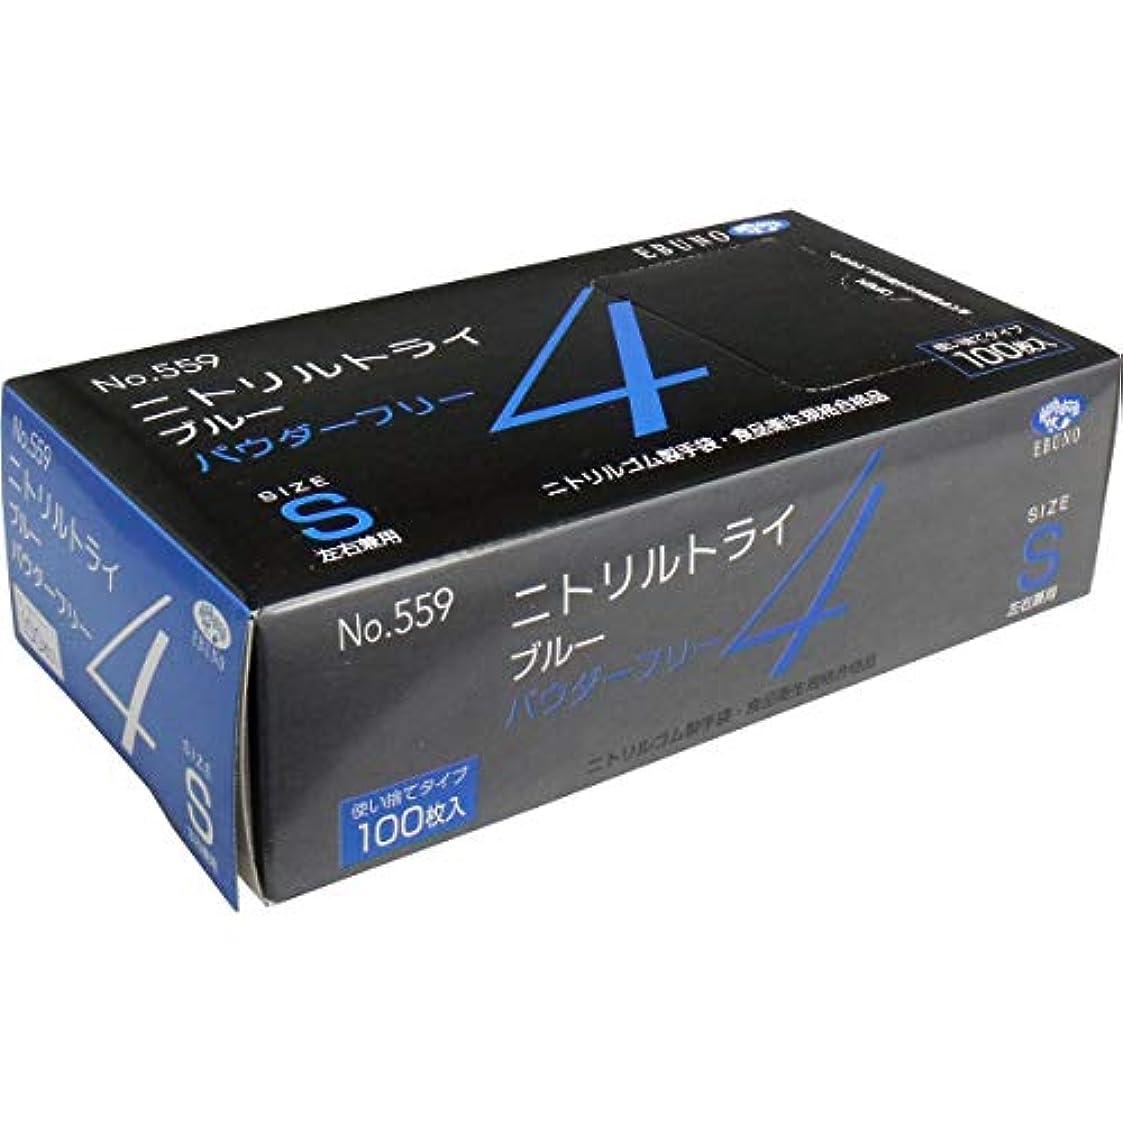 飾り羽テニス赤ちゃんニトリルトライ4 手袋 ブルー パウダーフリー Sサイズ 100枚入(単品)